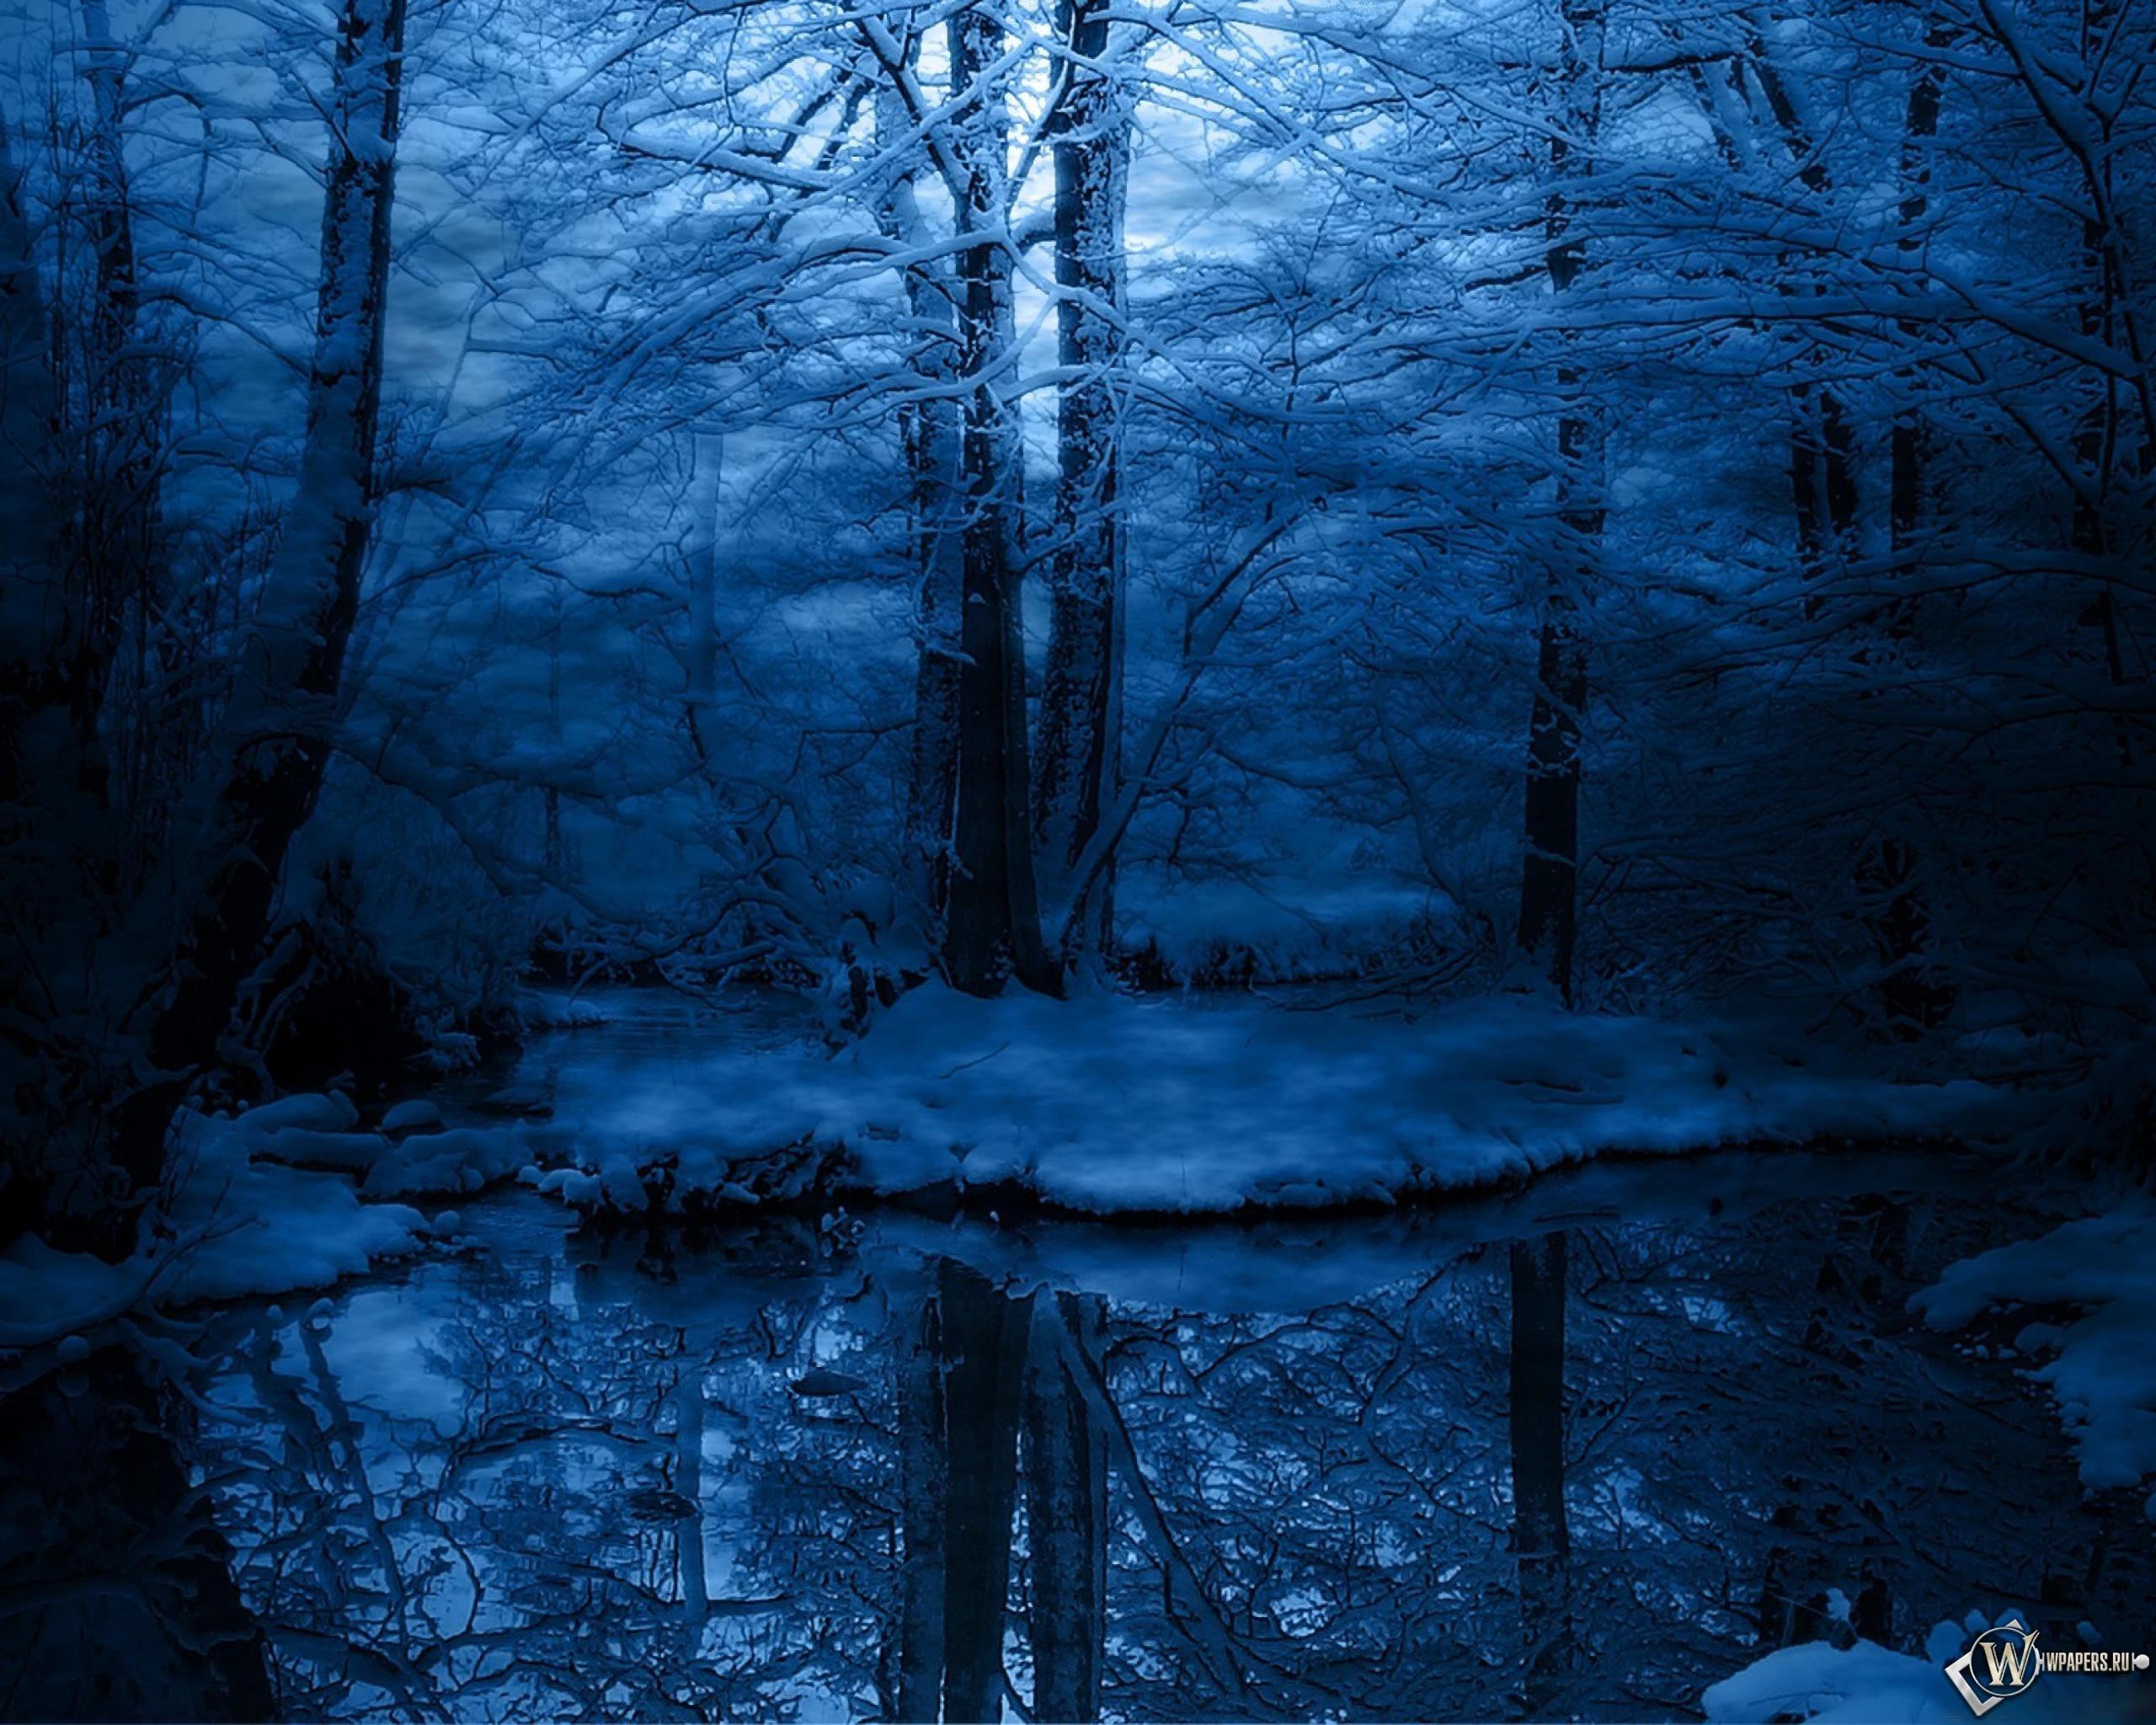 Зимняя ночь в лесу 2560x2048